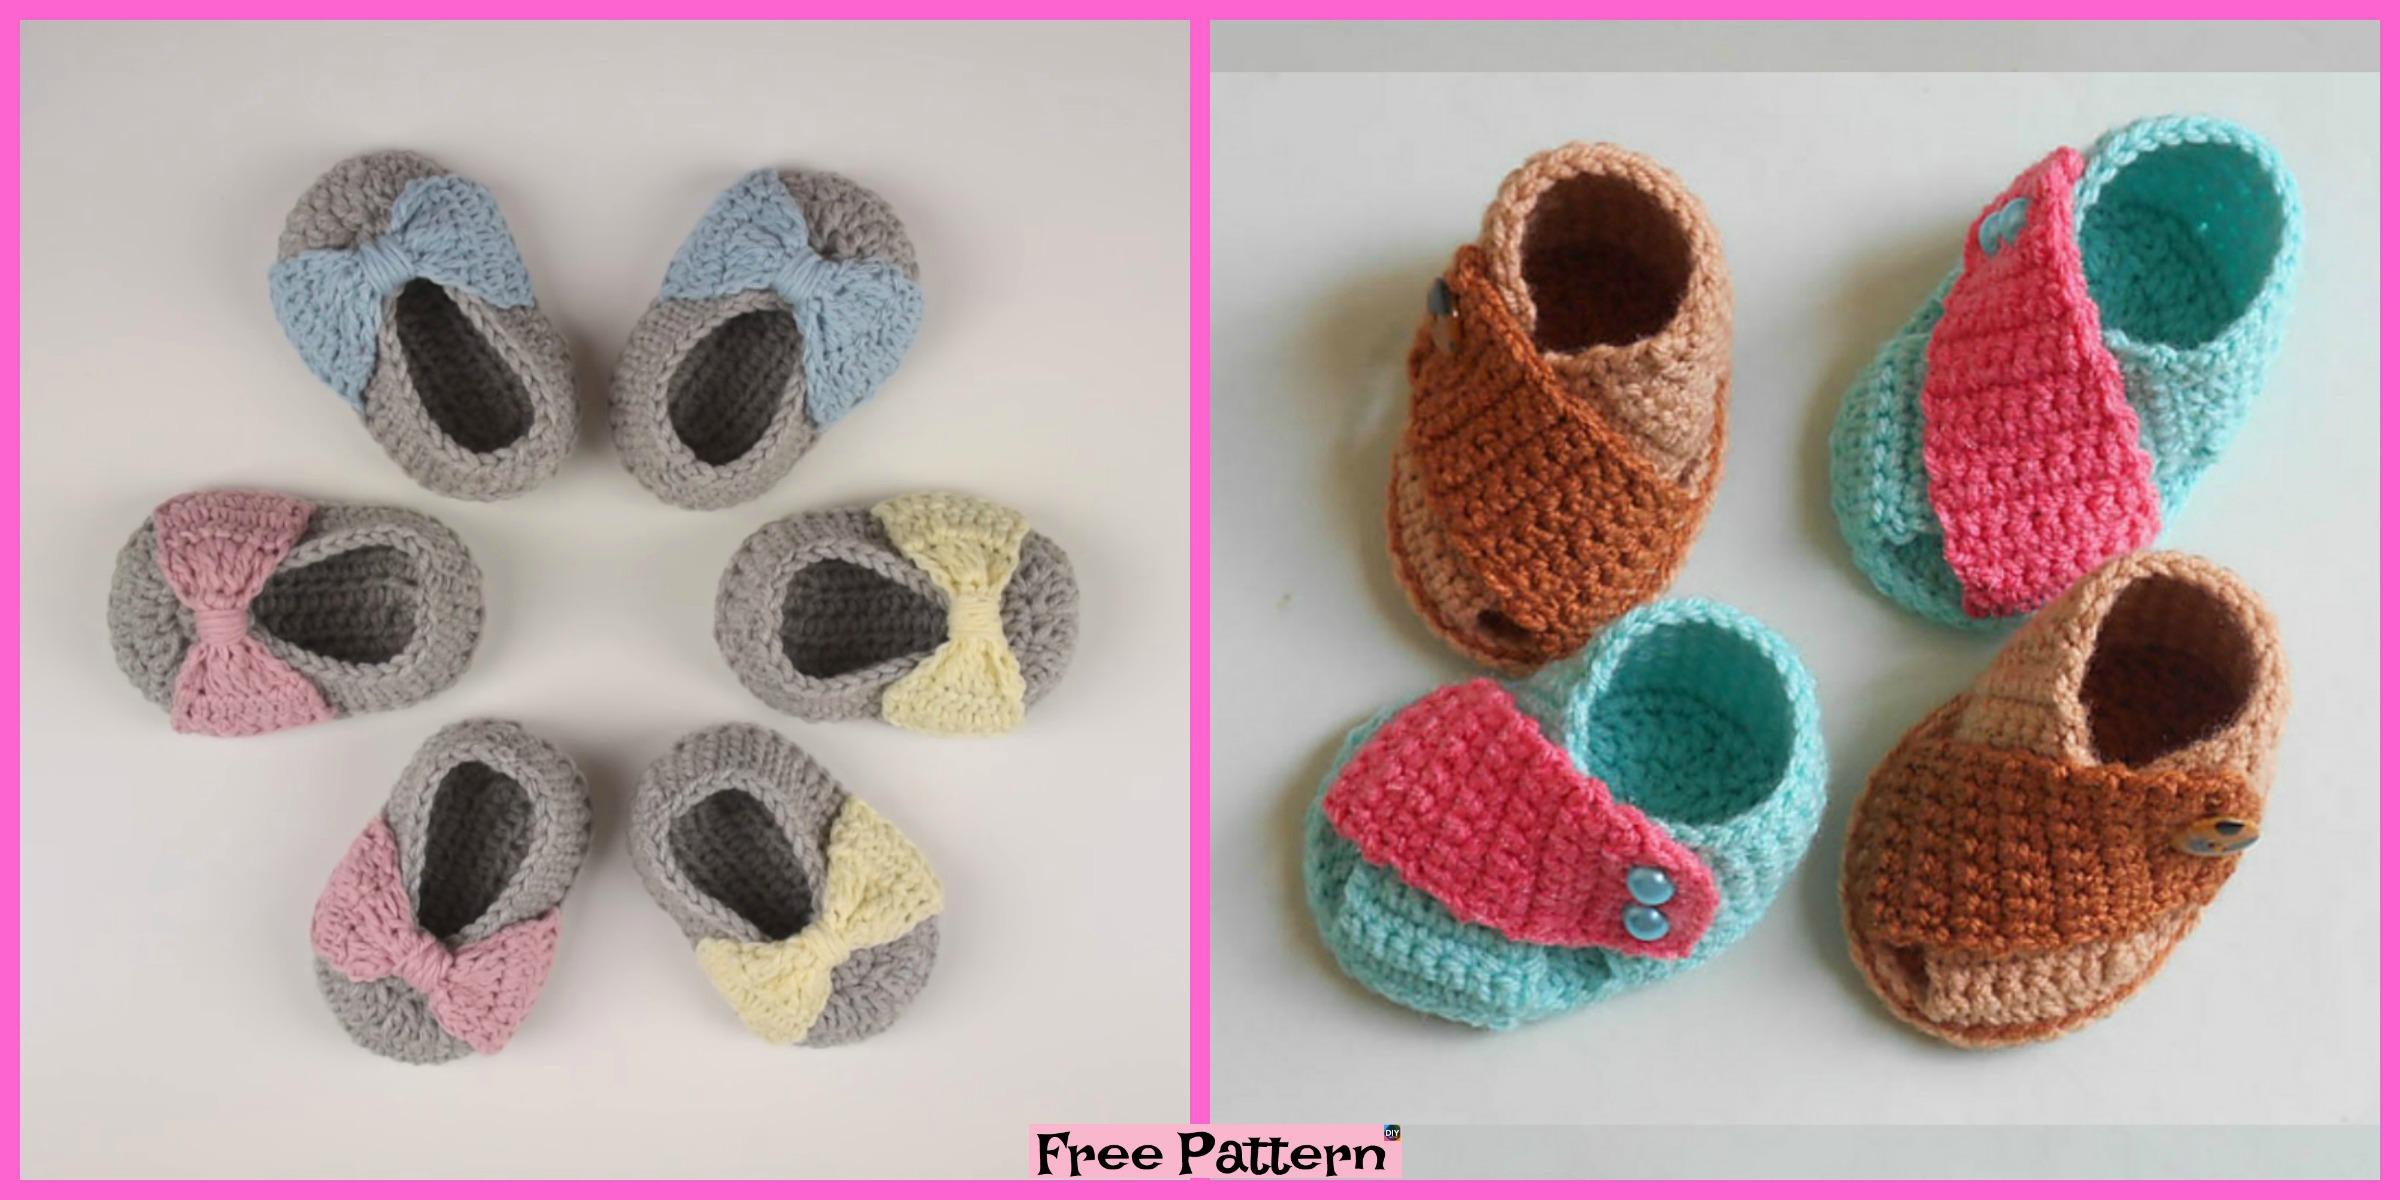 Crochet Baby Stylish Shoes – Free Pattern